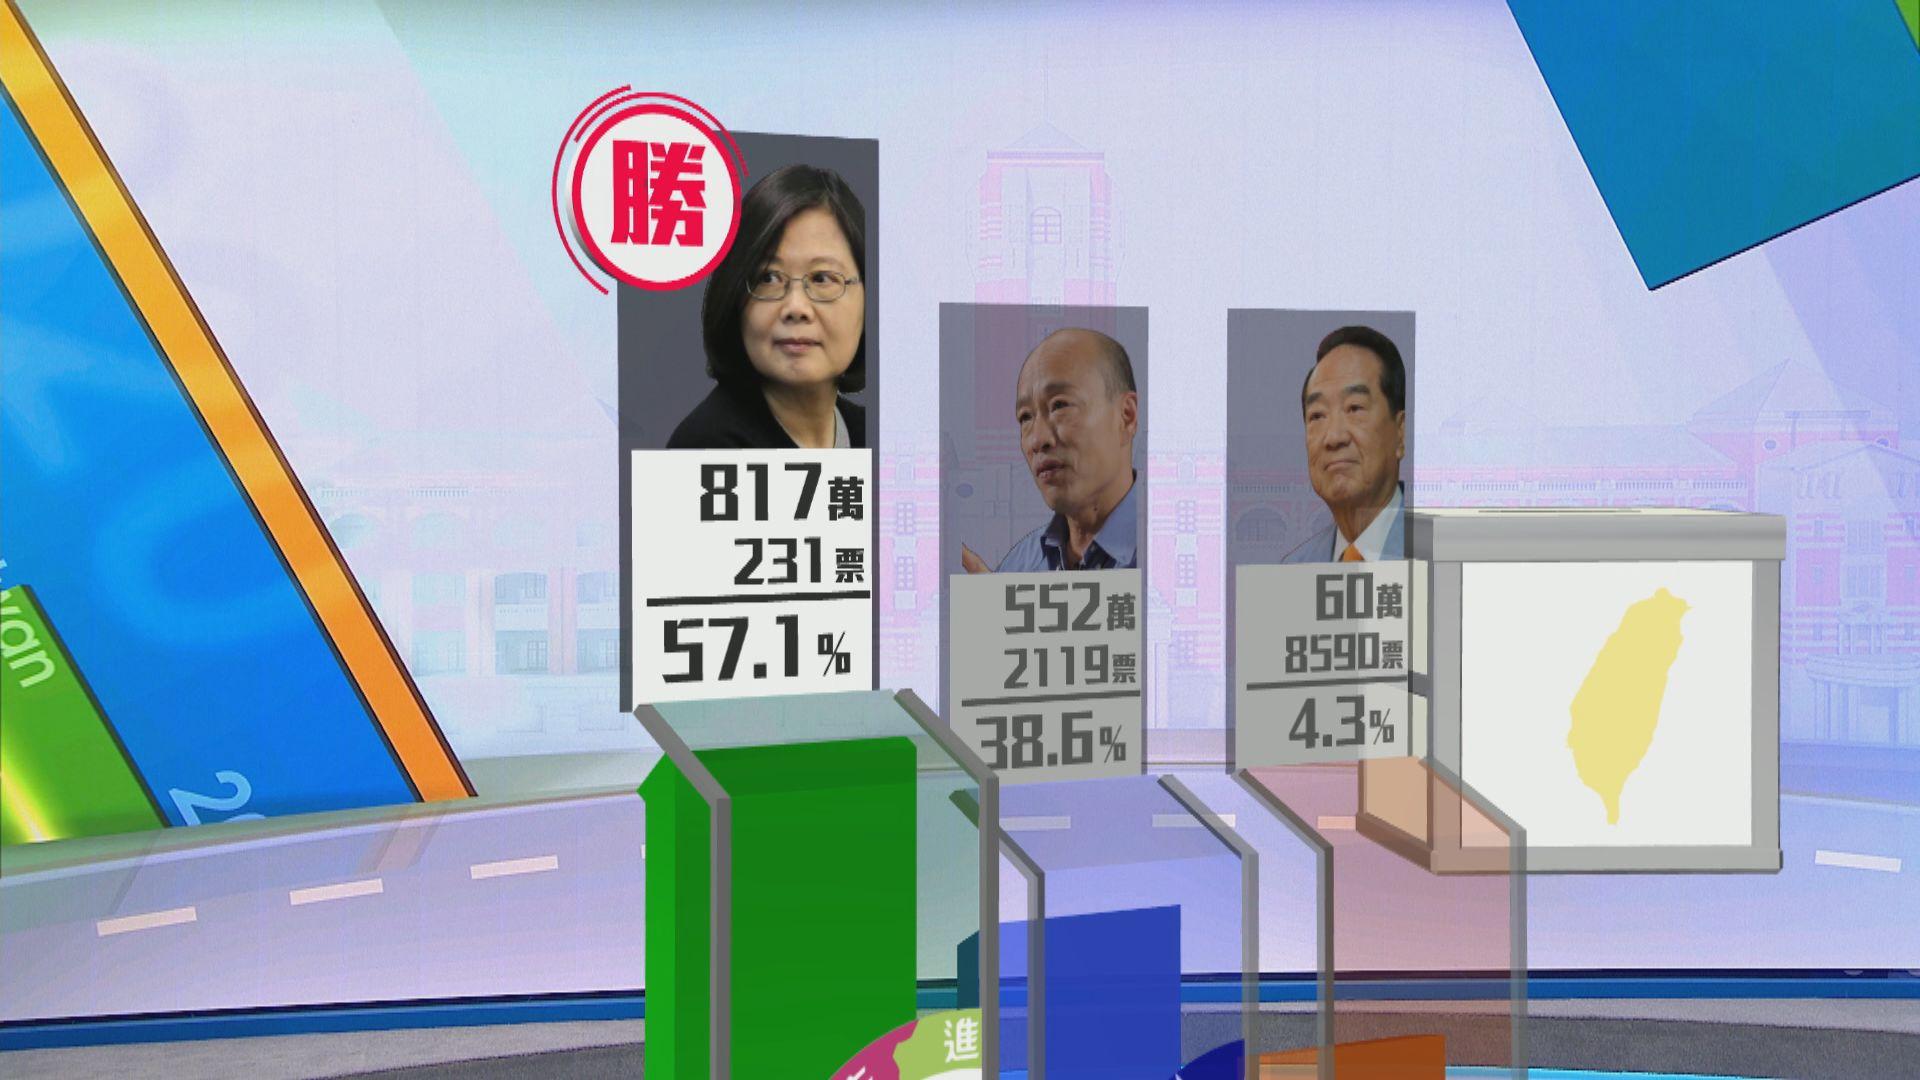 蔡英文成功連任 民進黨立委議席過半